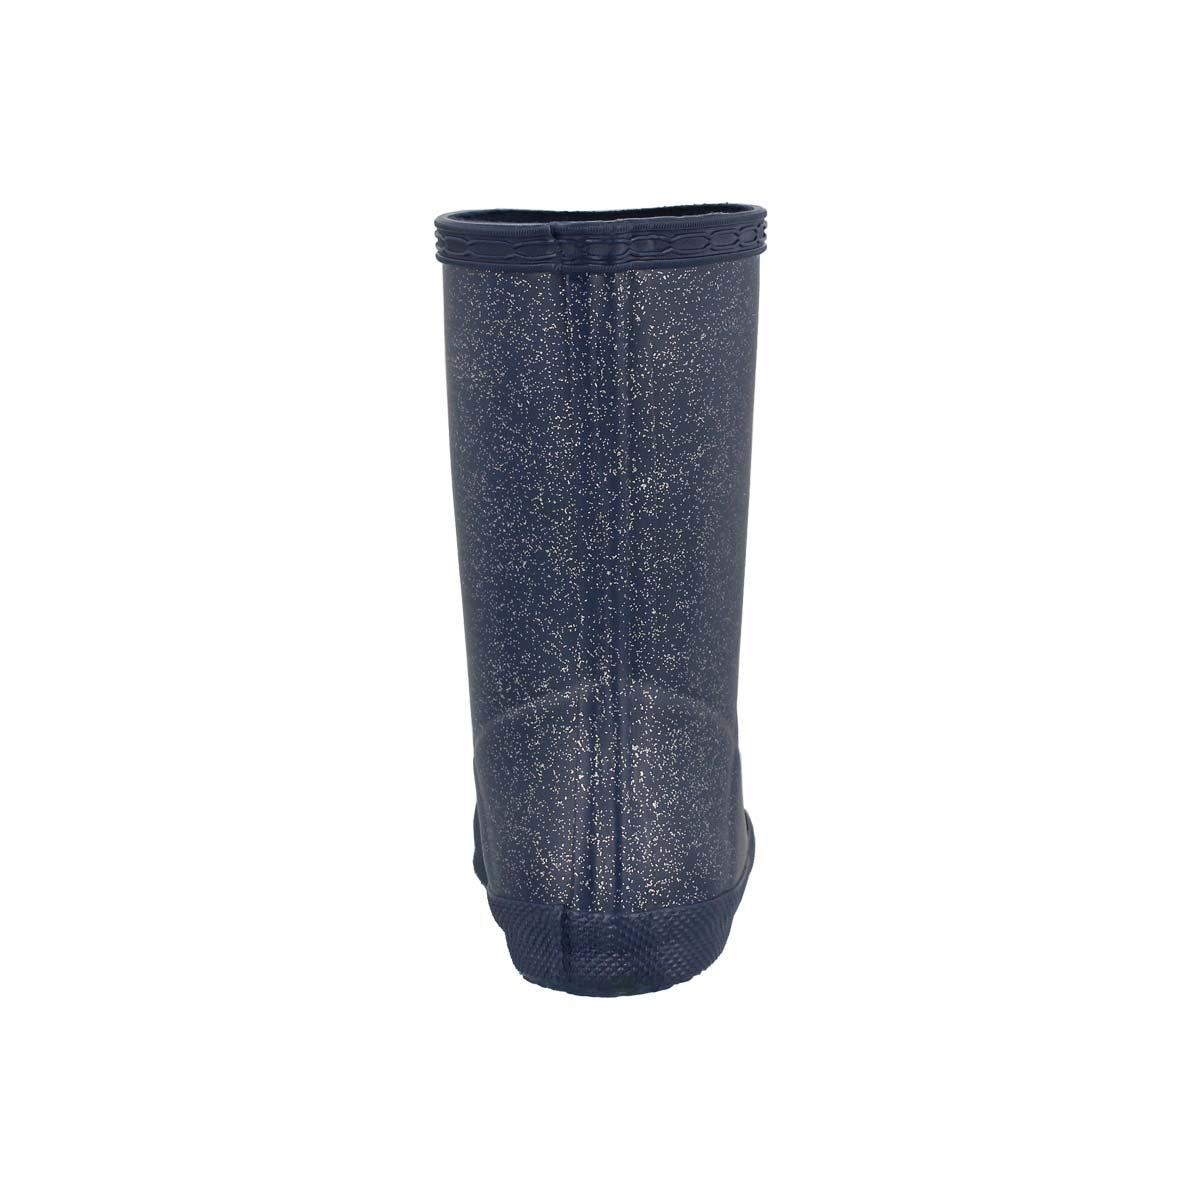 Infs First Glitter dark blue rain boot